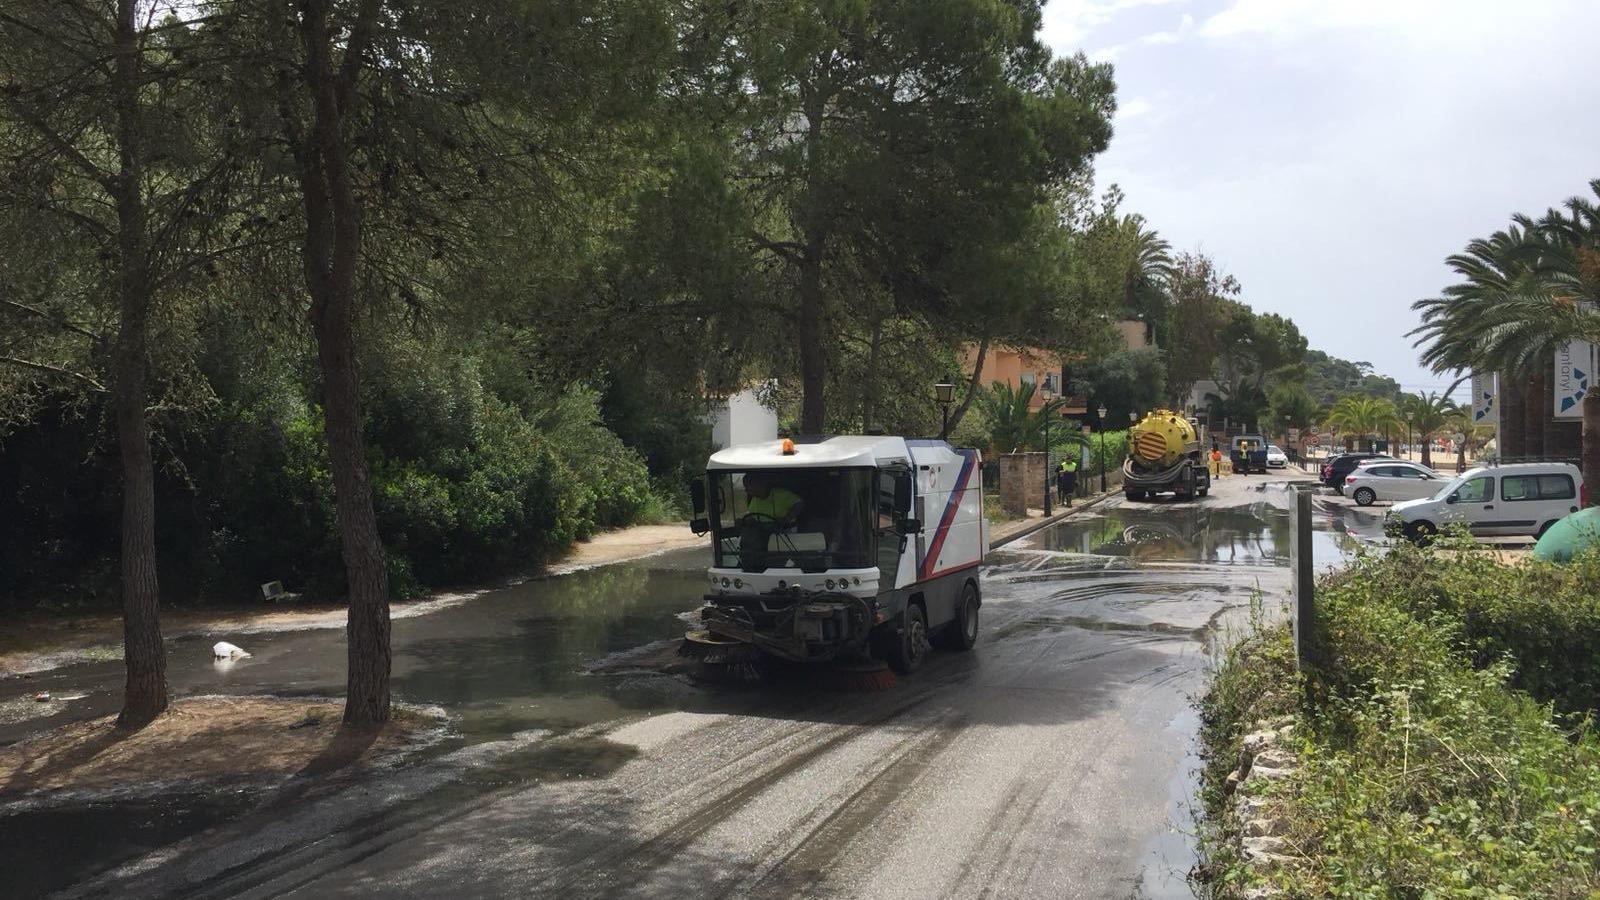 La brigada municipal ha retirat les aigües fecals que s'han embassat a la zona de l'aparcament.